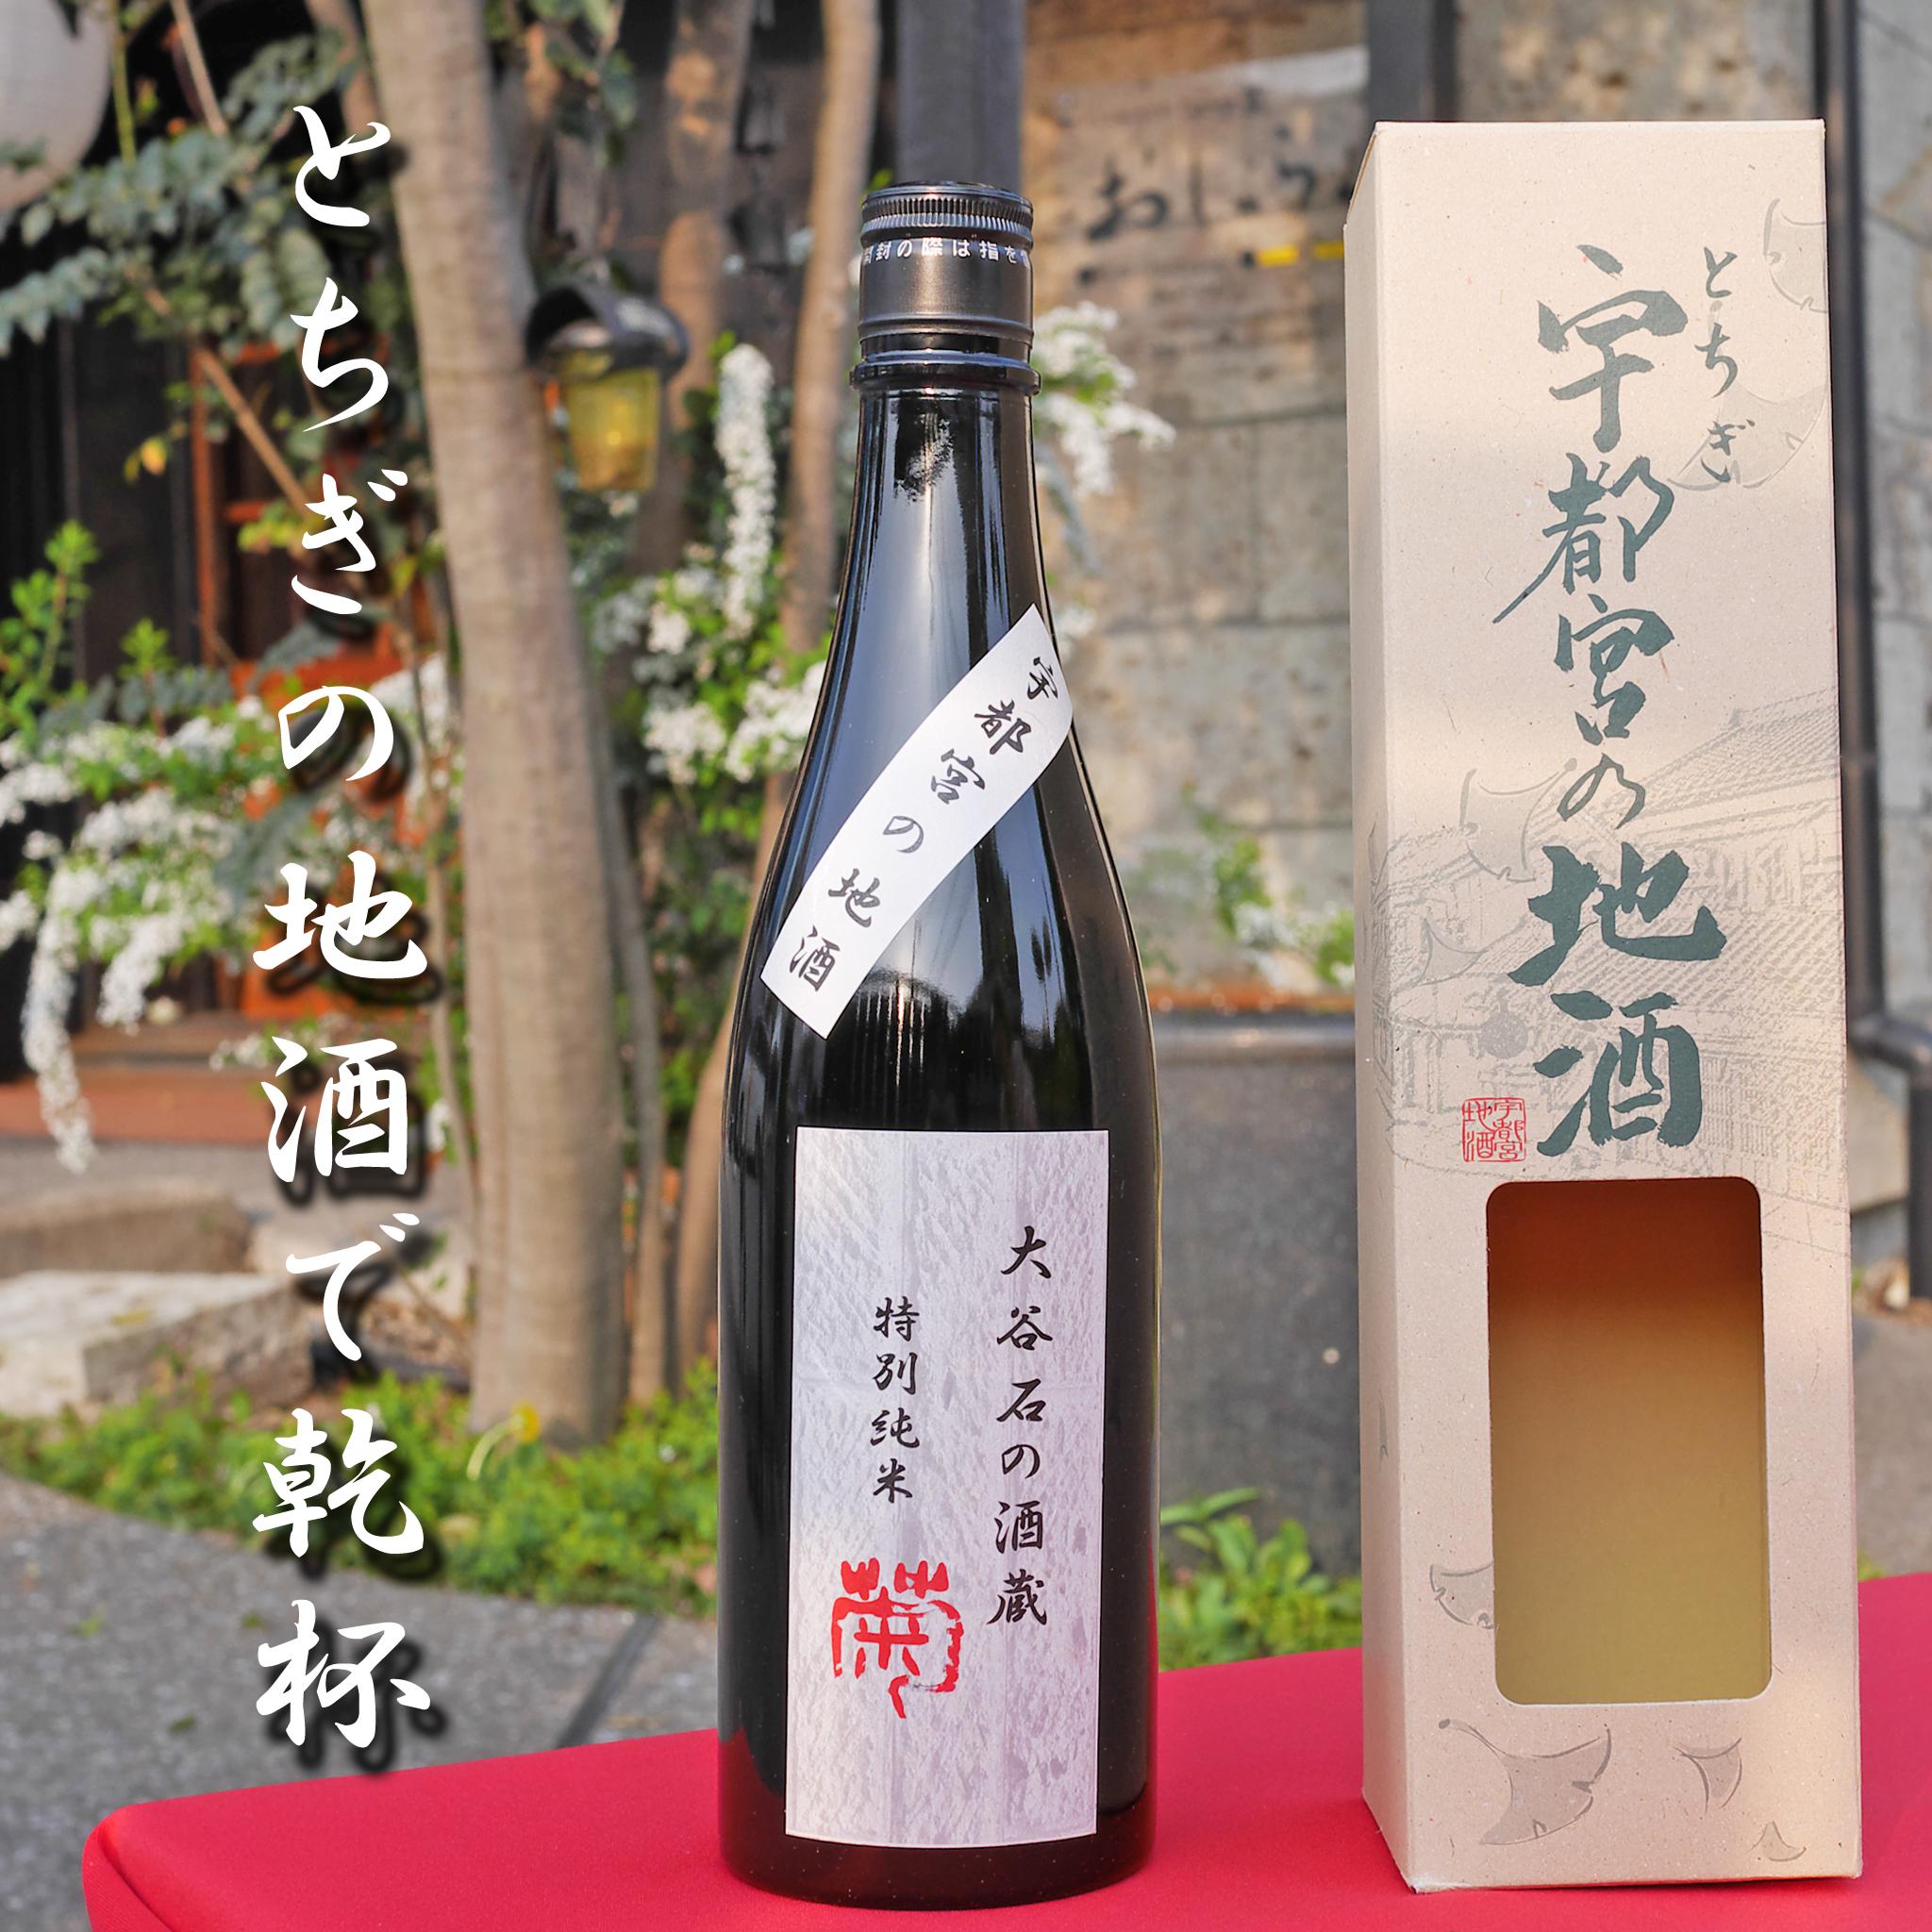 宇都宮 地酒 大谷石酒造 特別純米